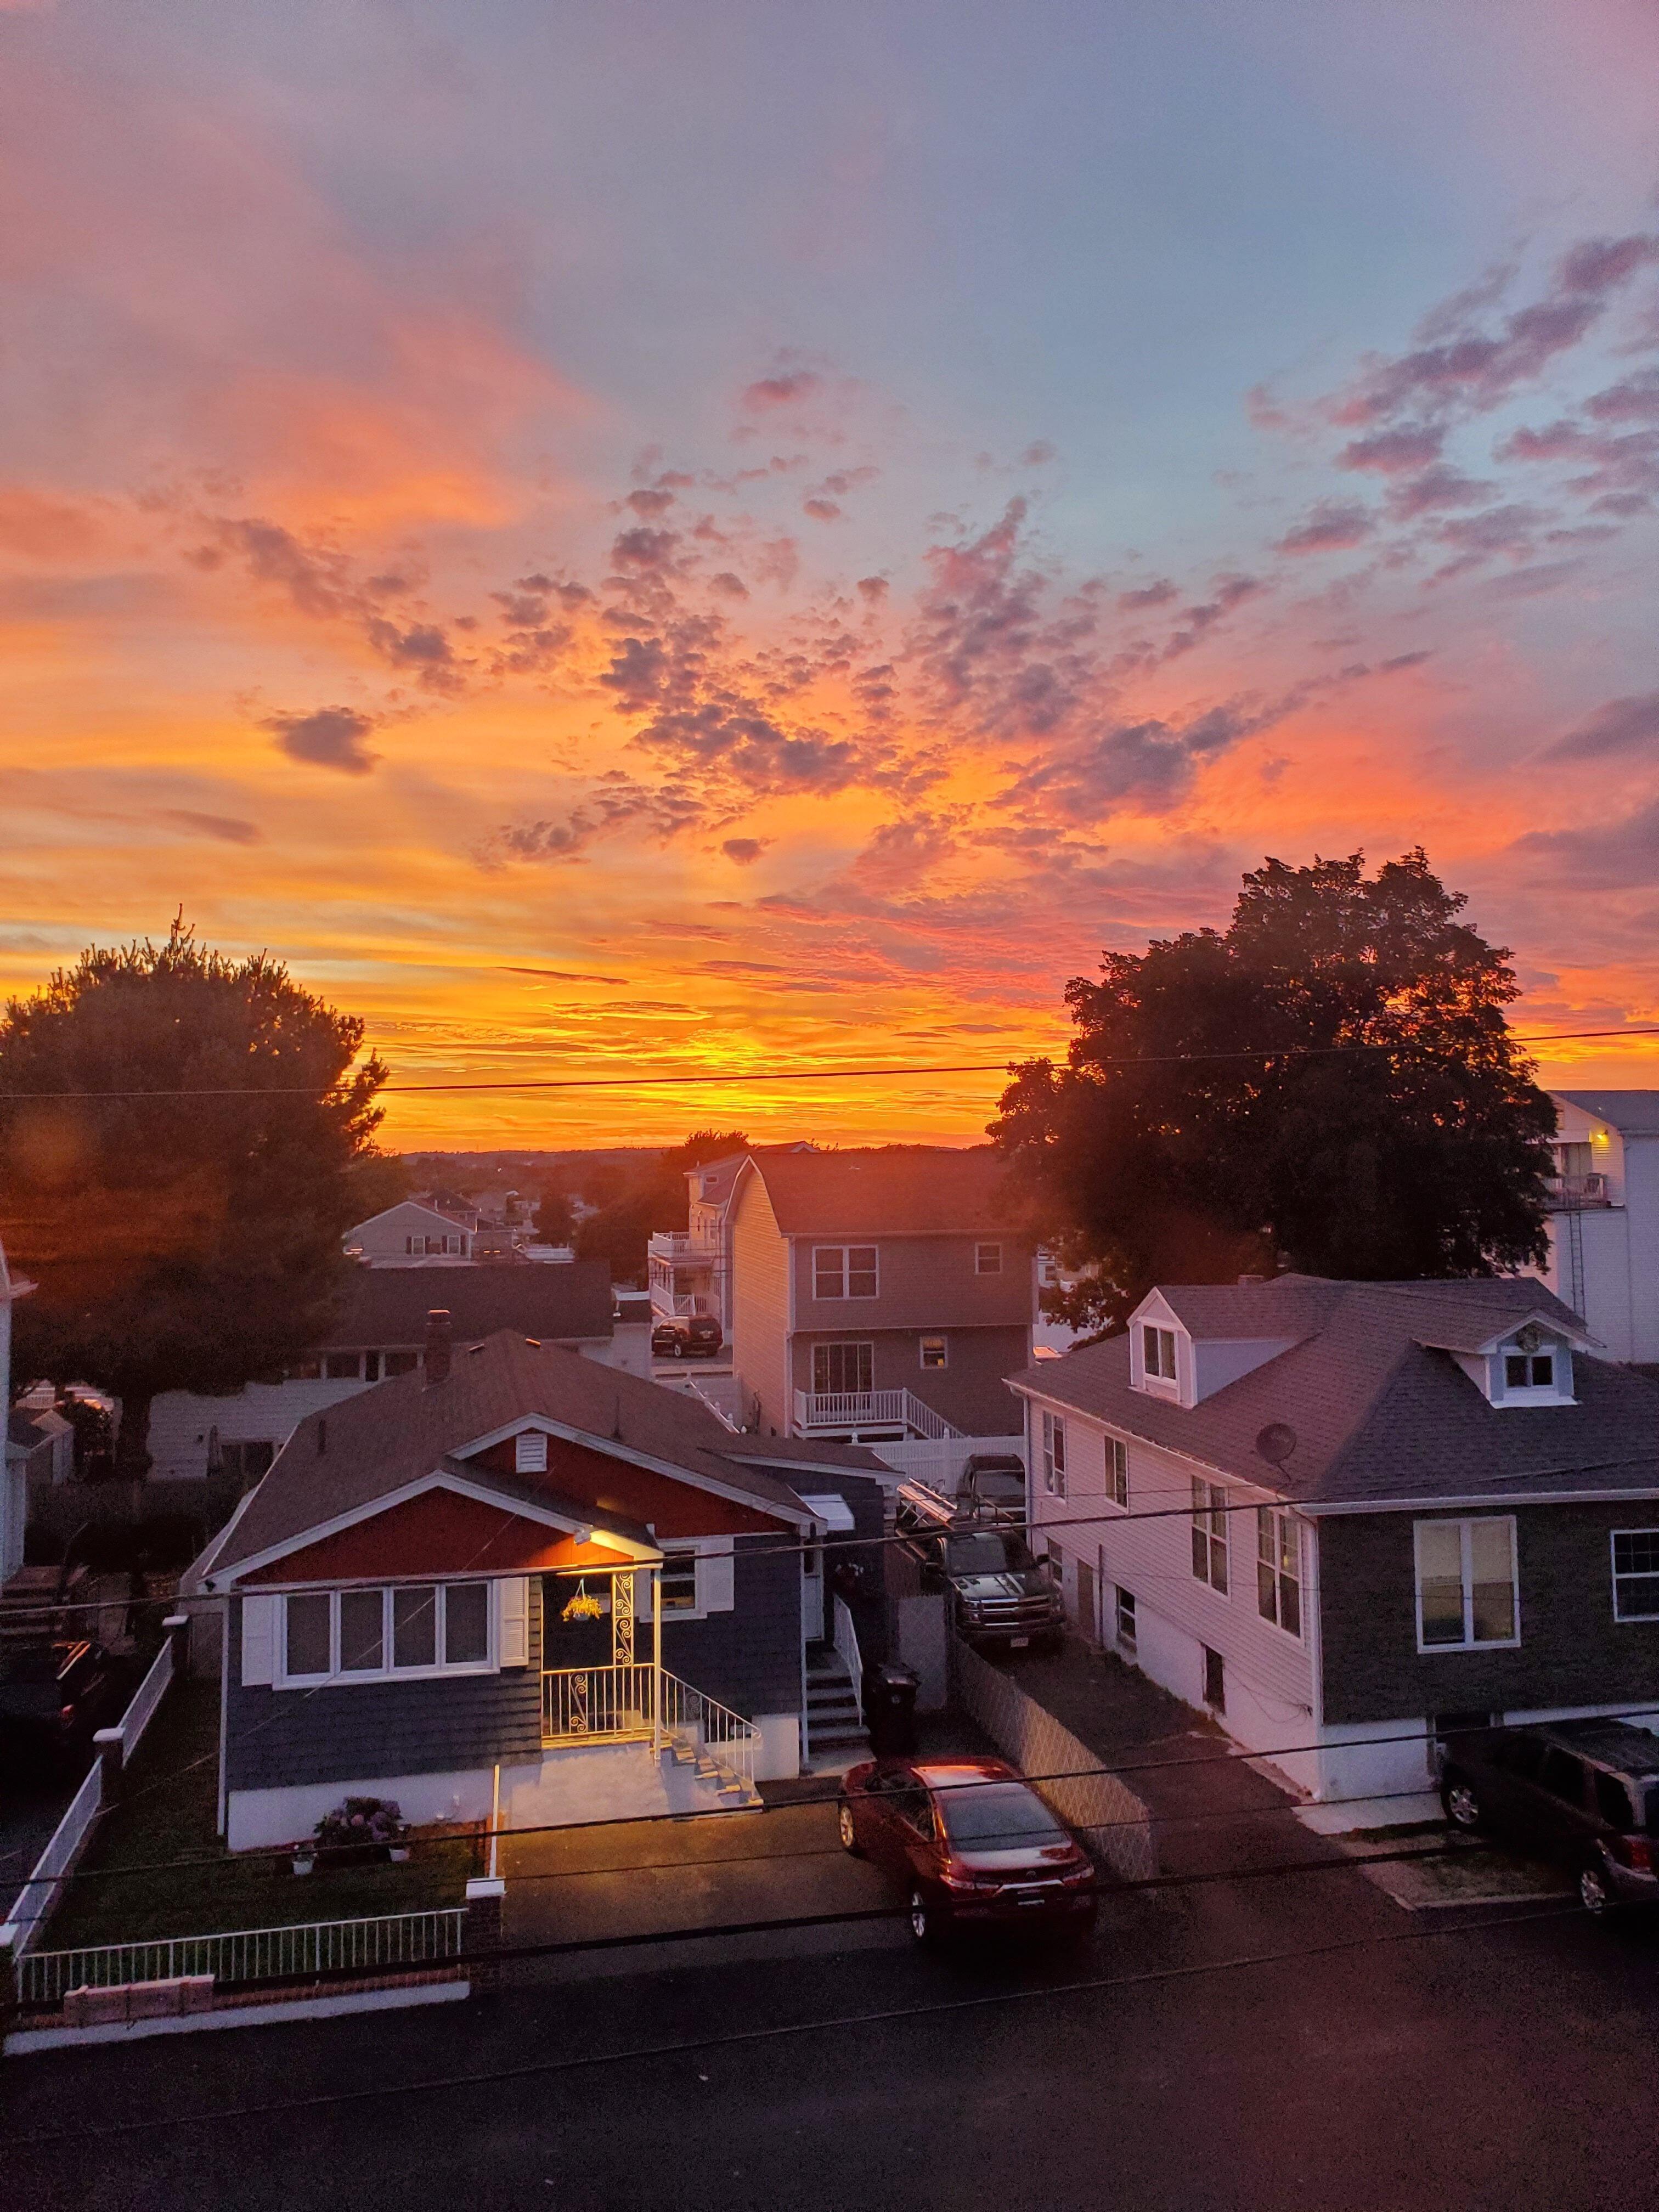 Revere sunset